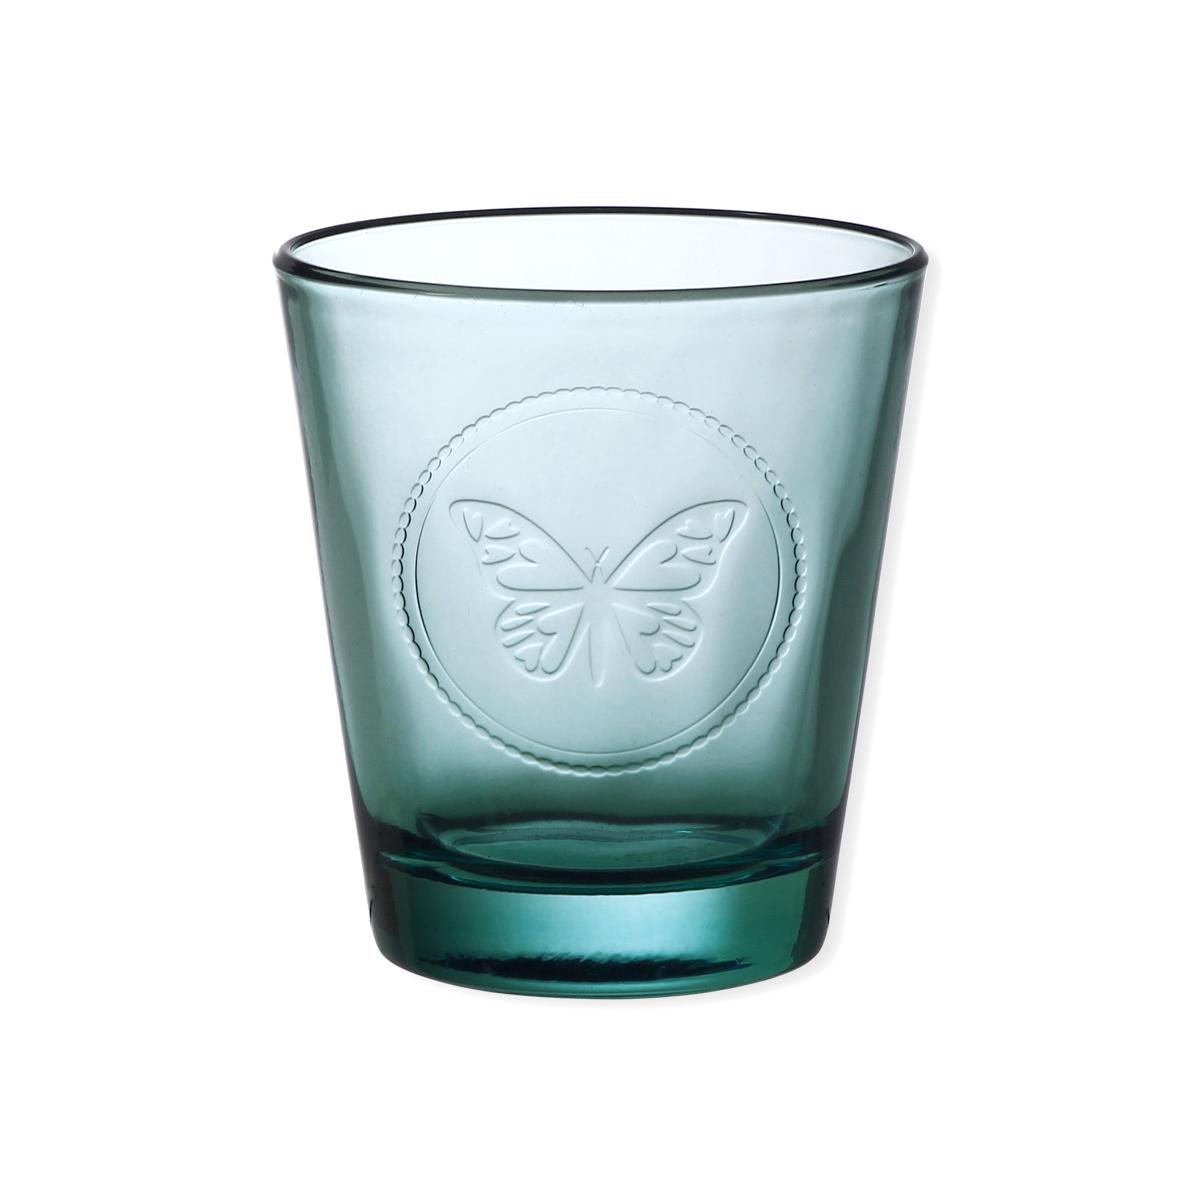 gobelet motif papillon en verre bleu turquoise 30 cl bruno evrard. Black Bedroom Furniture Sets. Home Design Ideas